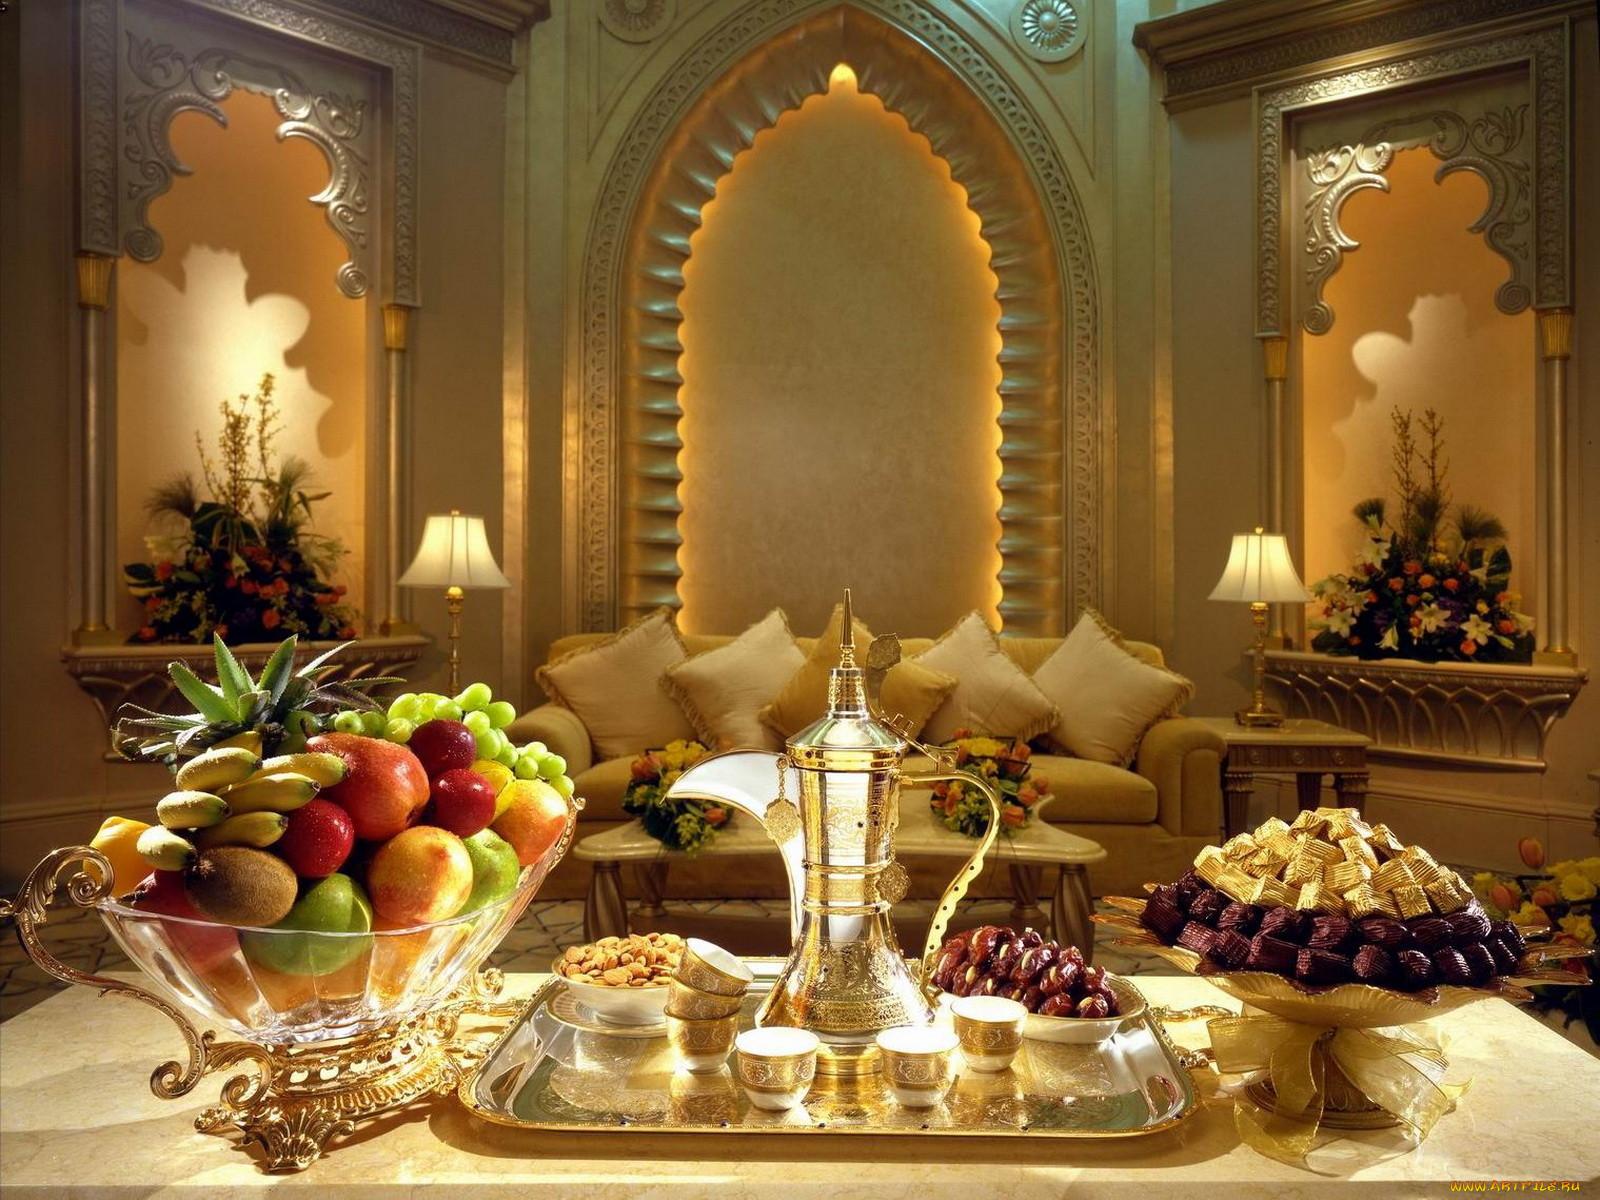 фото с днем рождения на арабском готовлю этот